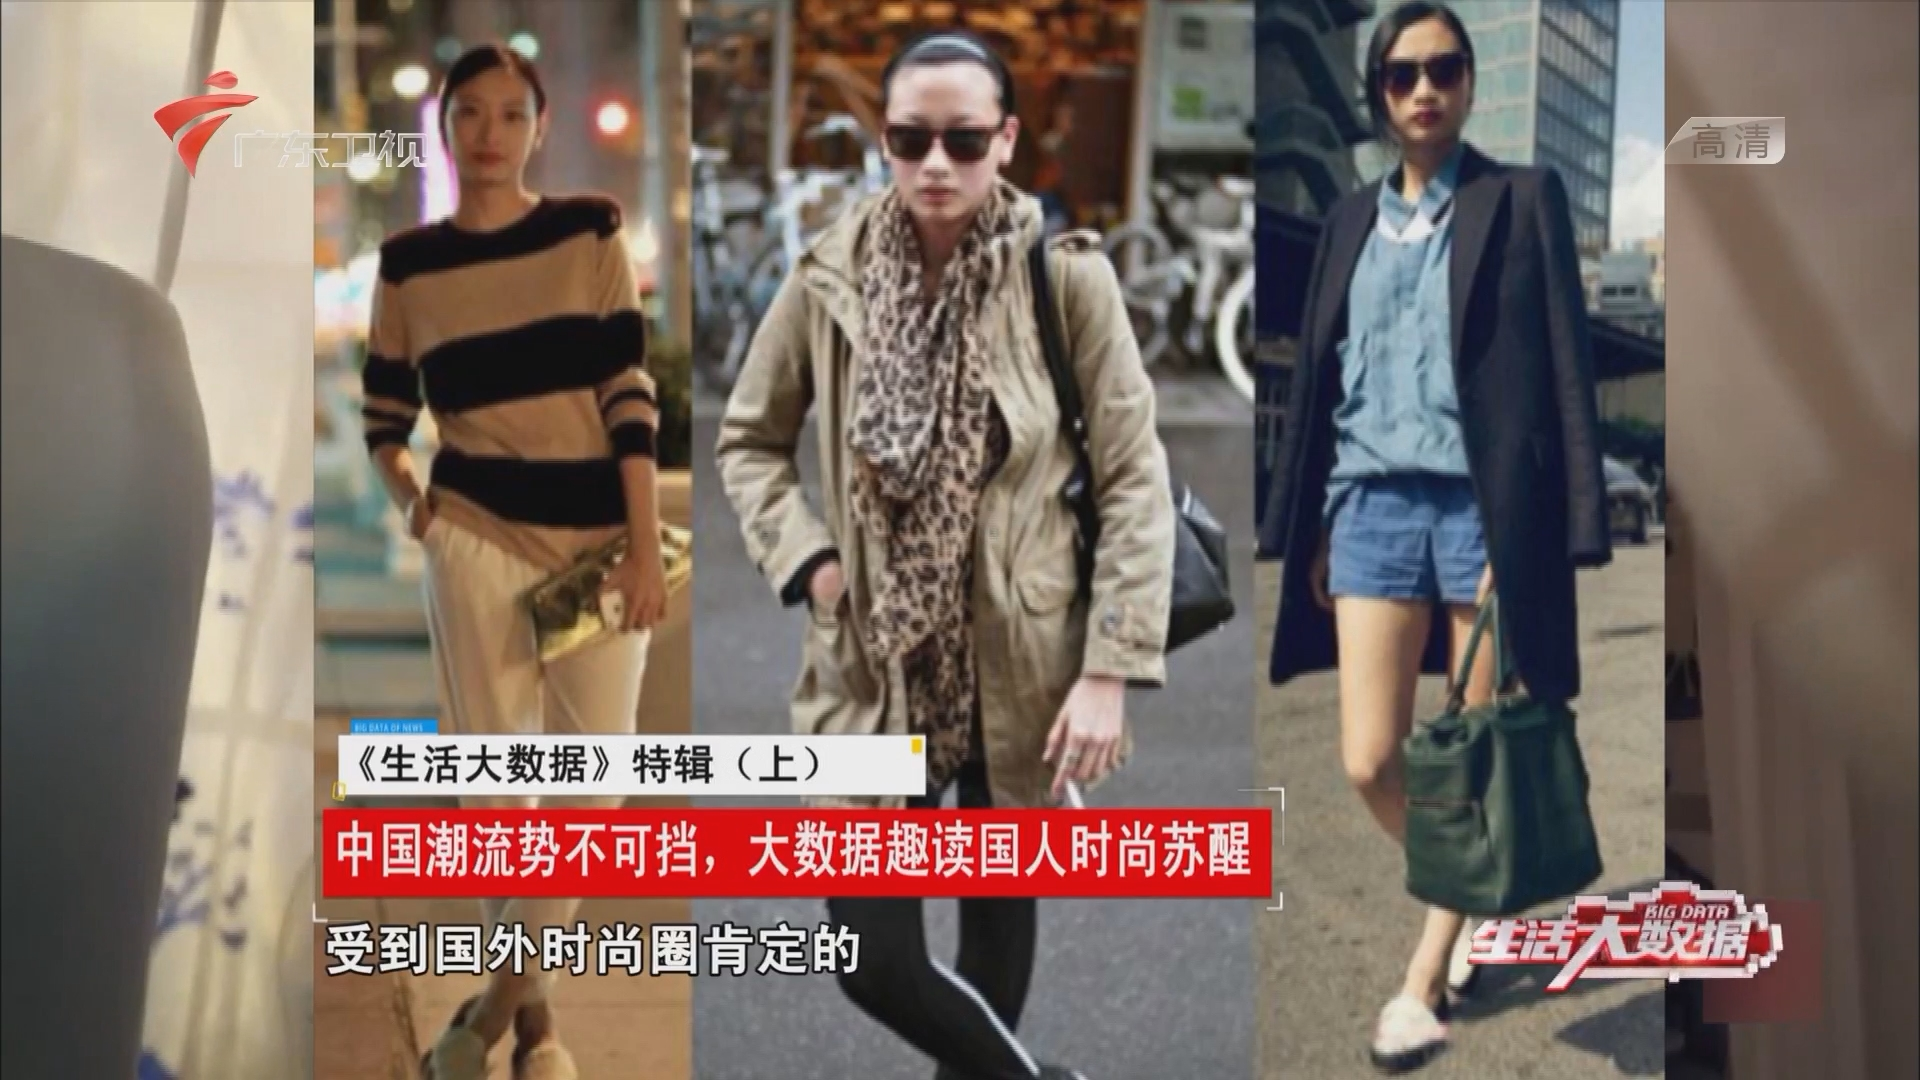 中国潮流势不可挡,大数据趣读国人时尚苏醒